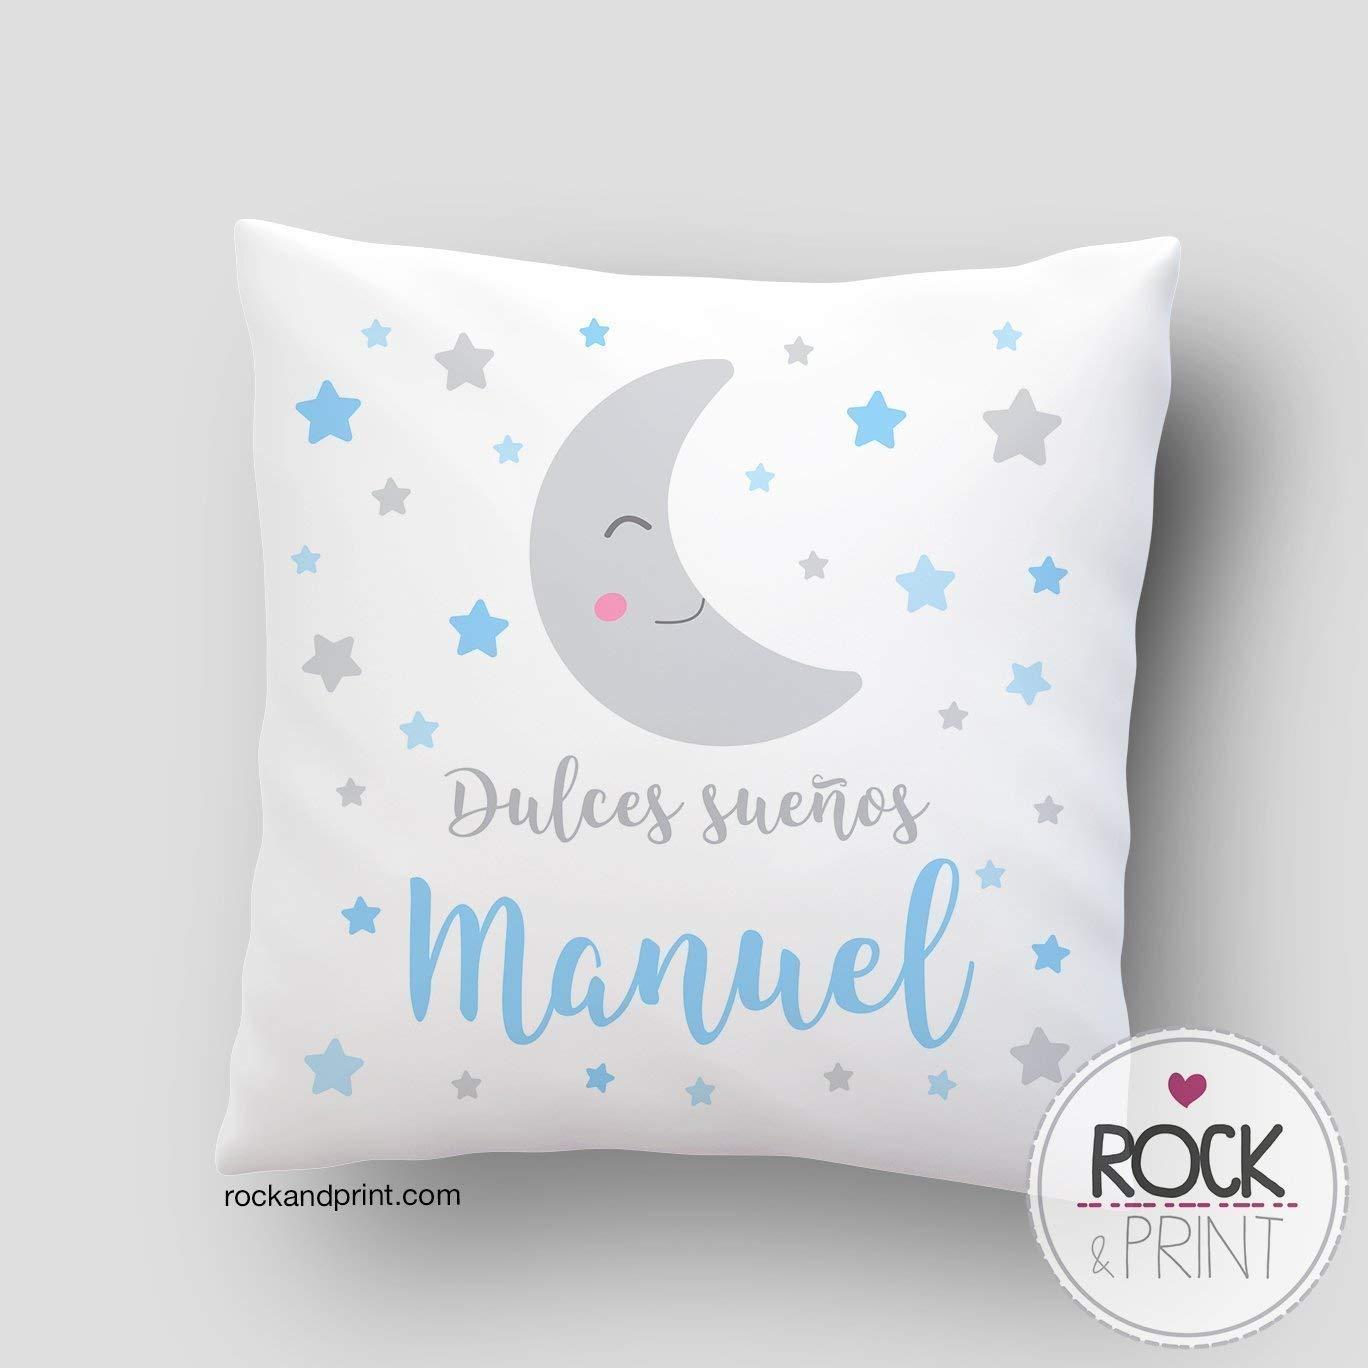 Cojín decoración dulces sueños luna. 40x40 cm, incluye relleno. Elige el color. Regalo nacimiento, recién nacido, bebe. Cojines infantiles originales. ...